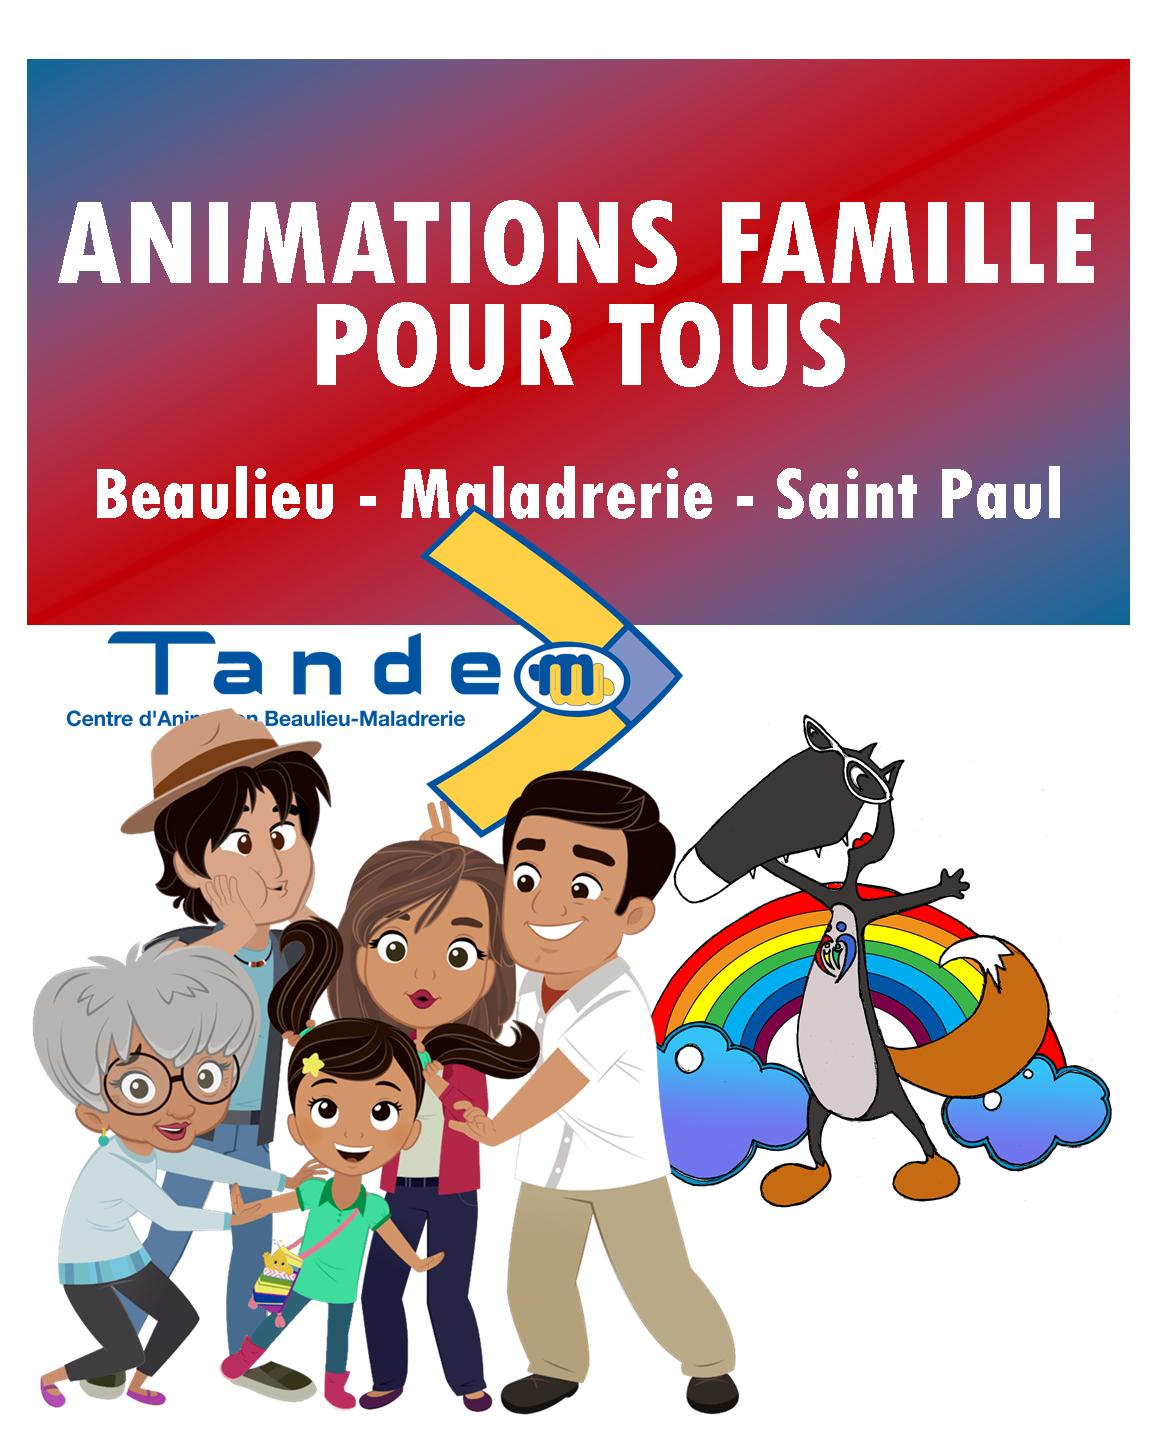 Animations pour tous janvier à avril 2020